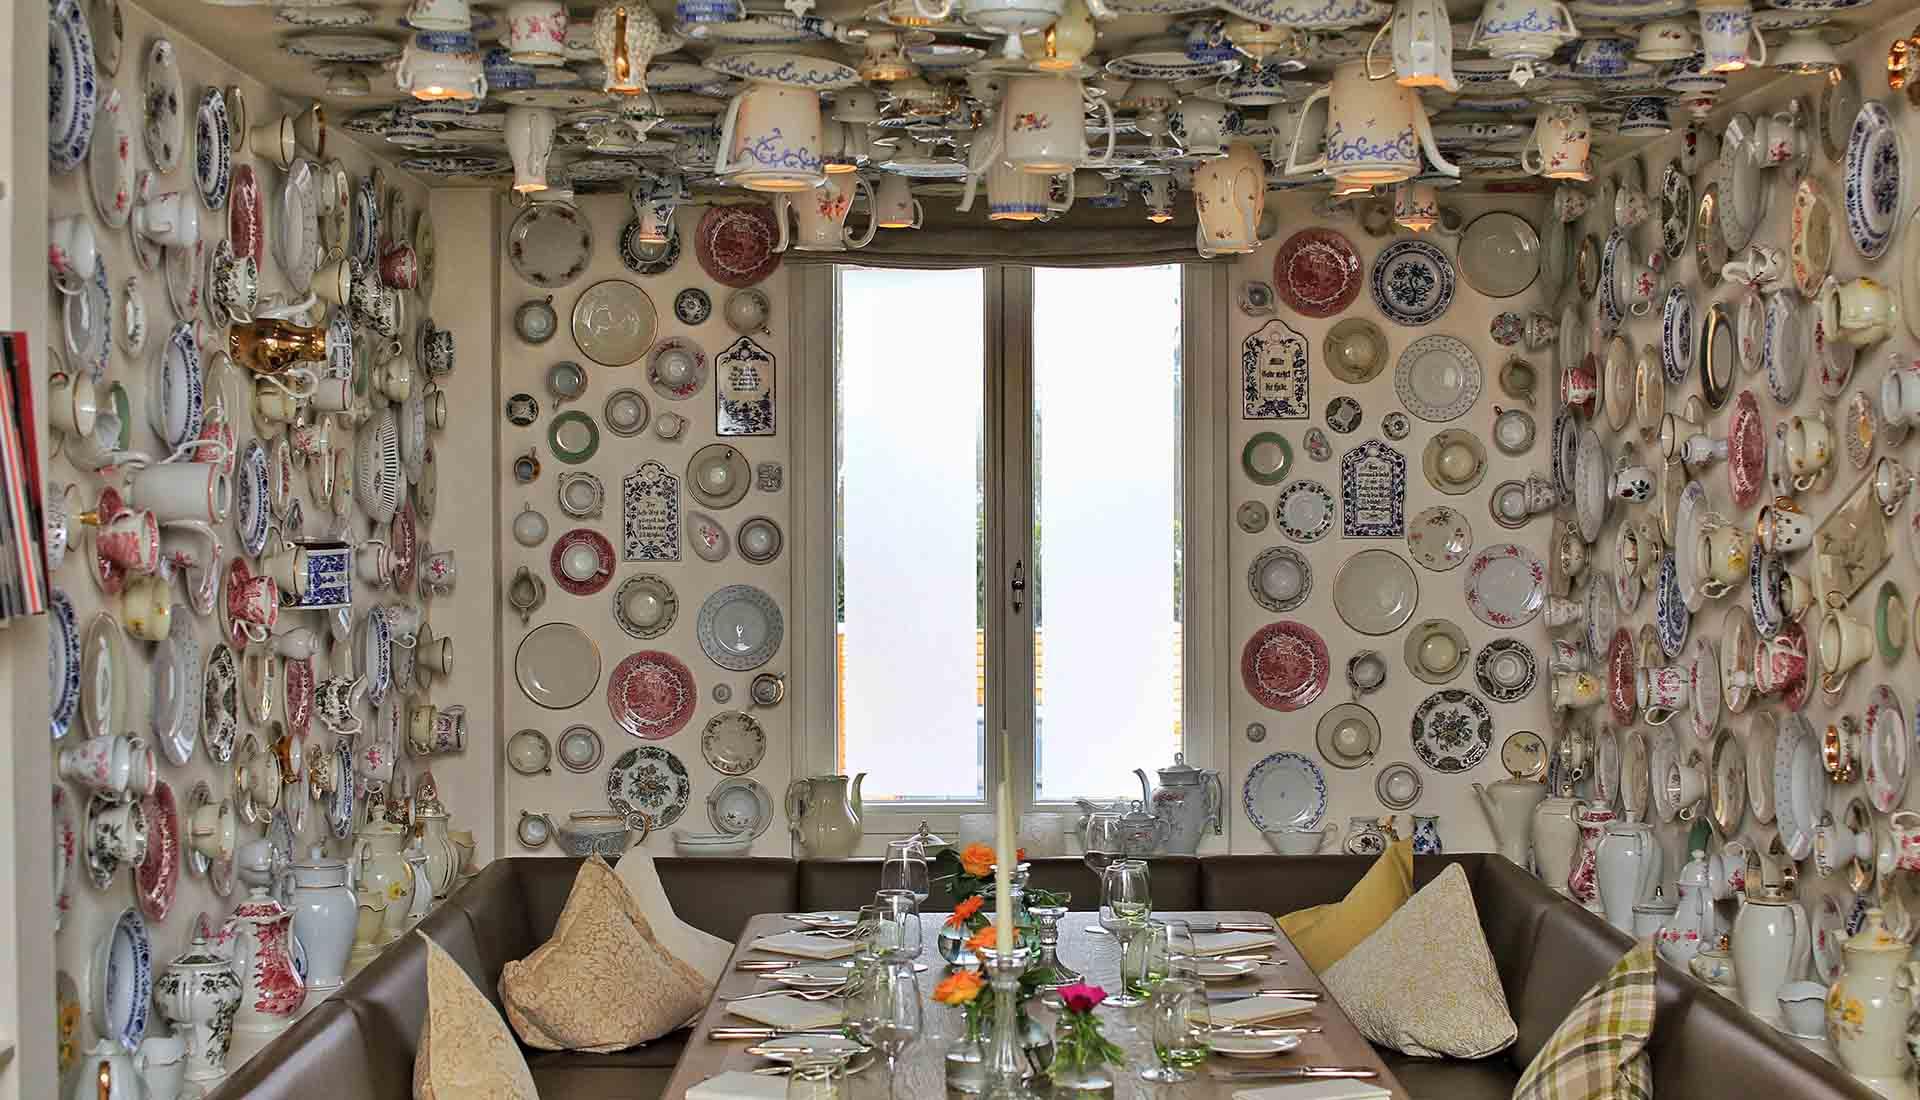 Porzellanzimmer im Restaurant Waldschlösschen